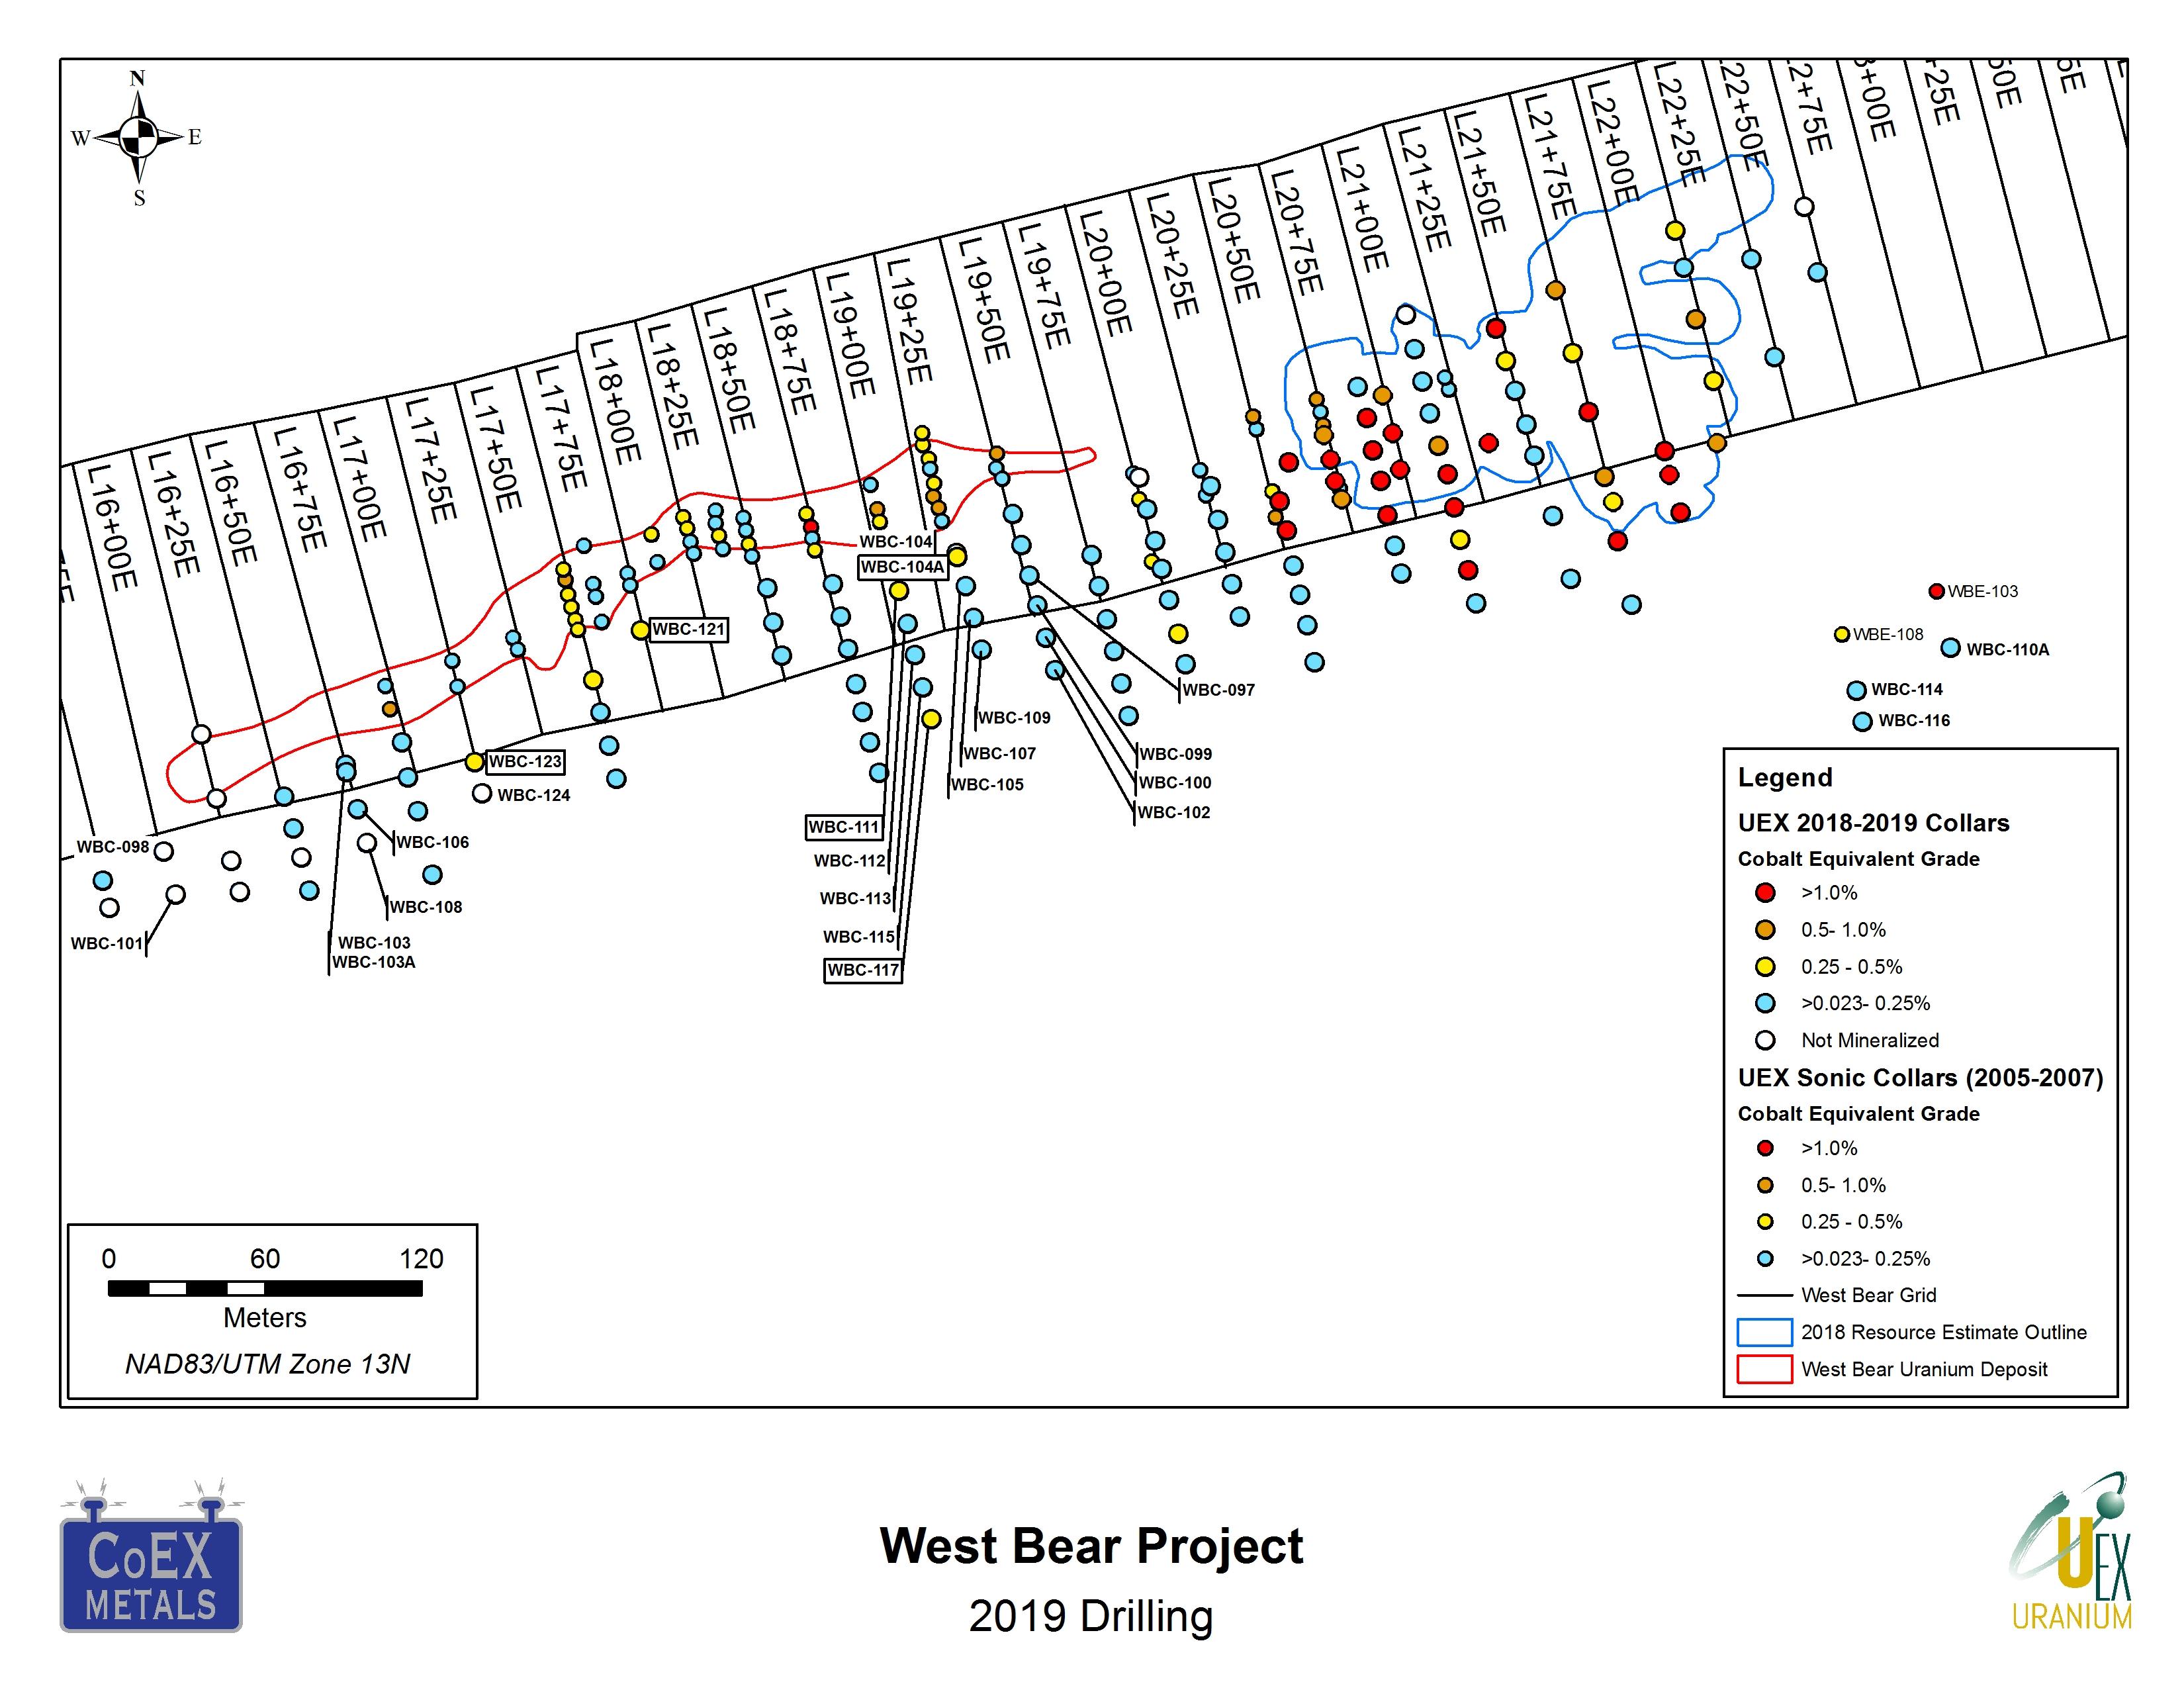 Figure 1 West Bear Project